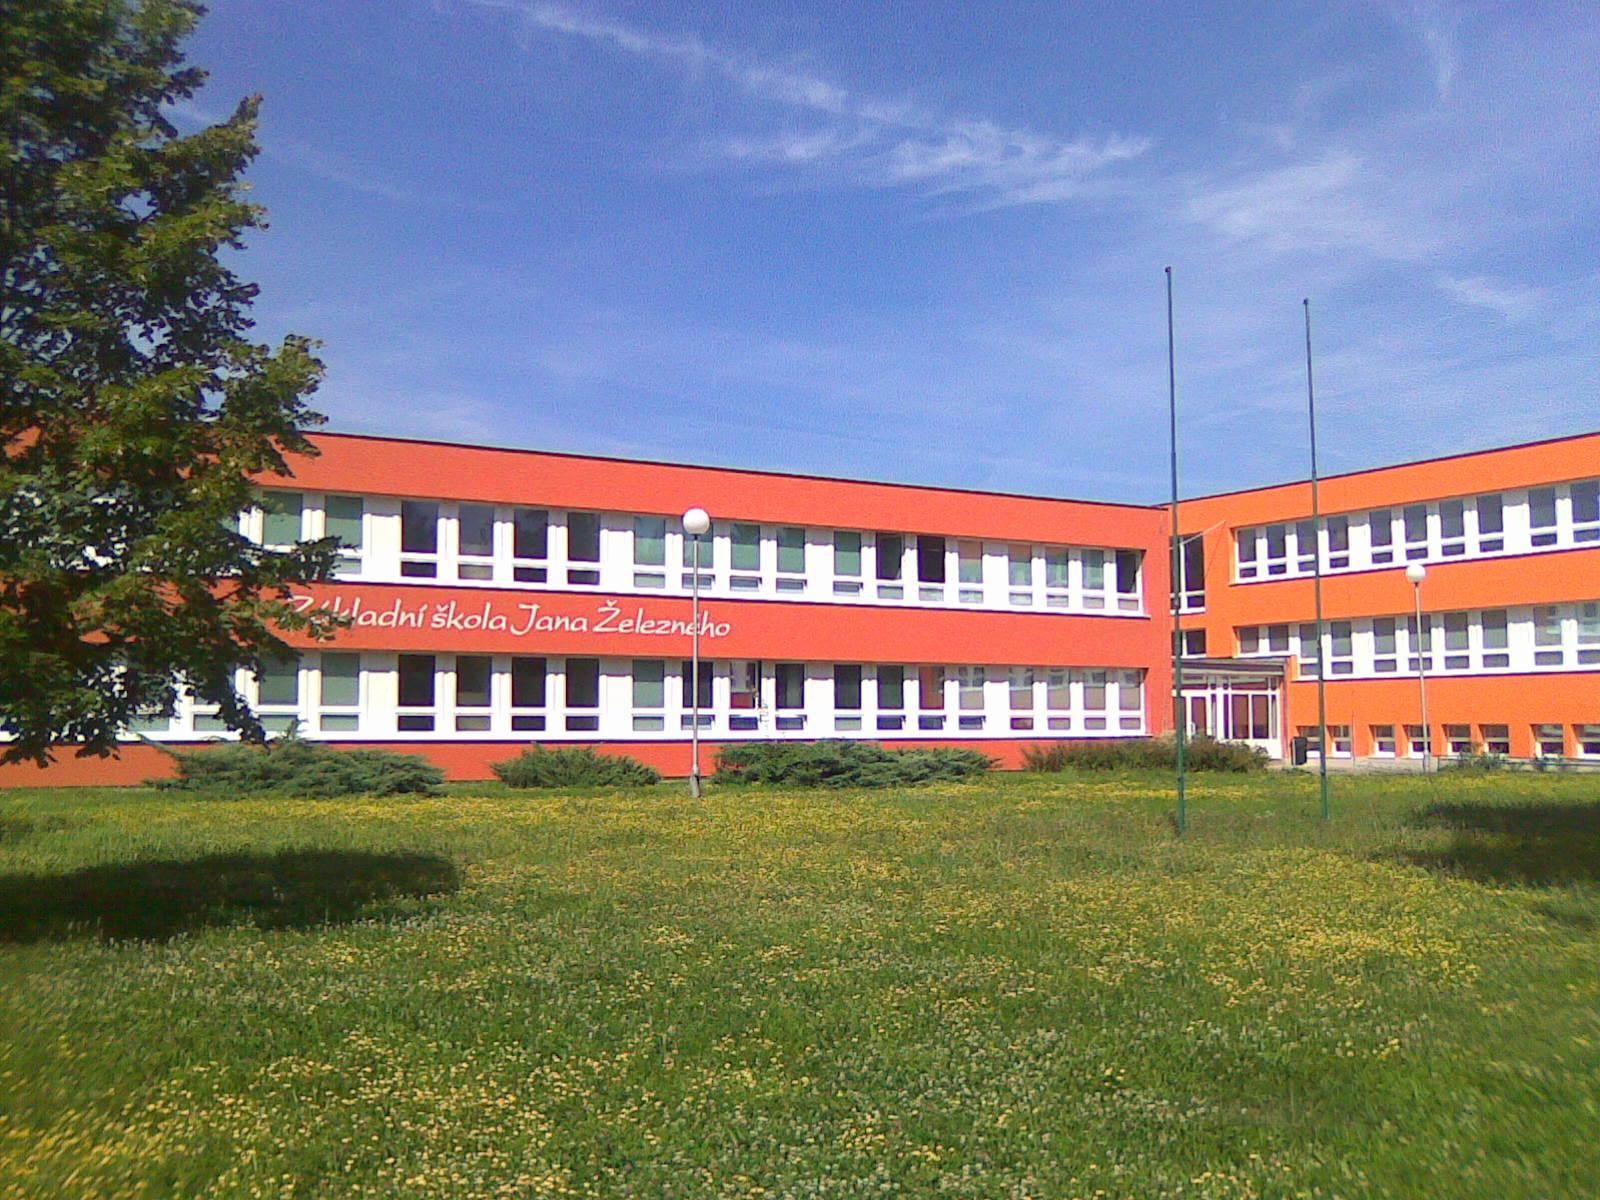 Projekty podpořené v rámci Operačního programu Životní prostředí - Prostějov